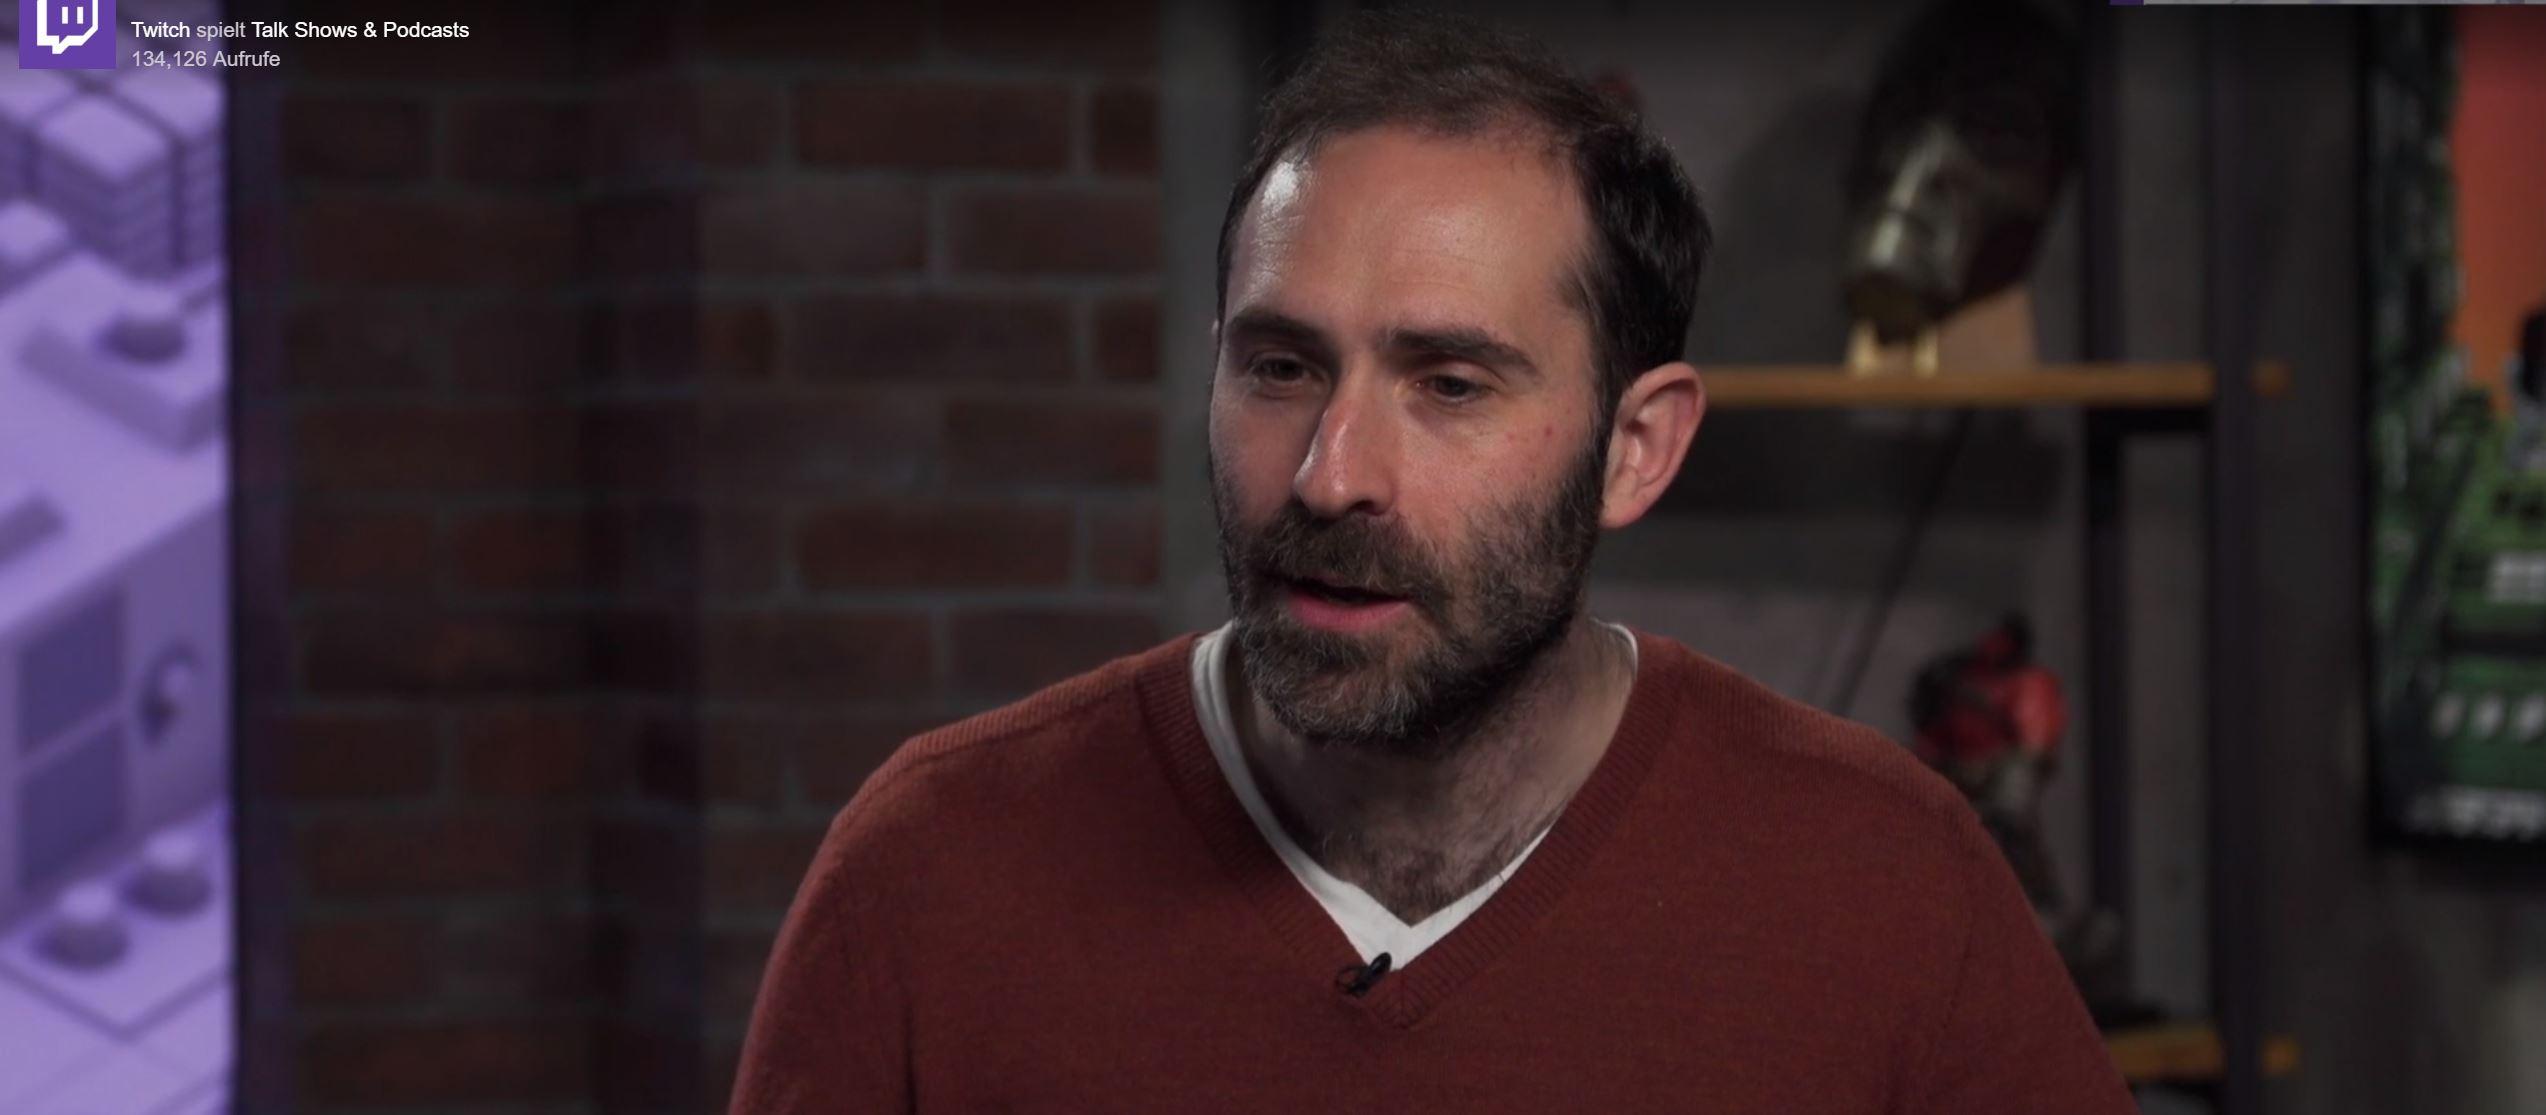 """Twitch-Chef sorgt sich um Streamer nach Artikel 13: """"Schlecht gemacht"""""""